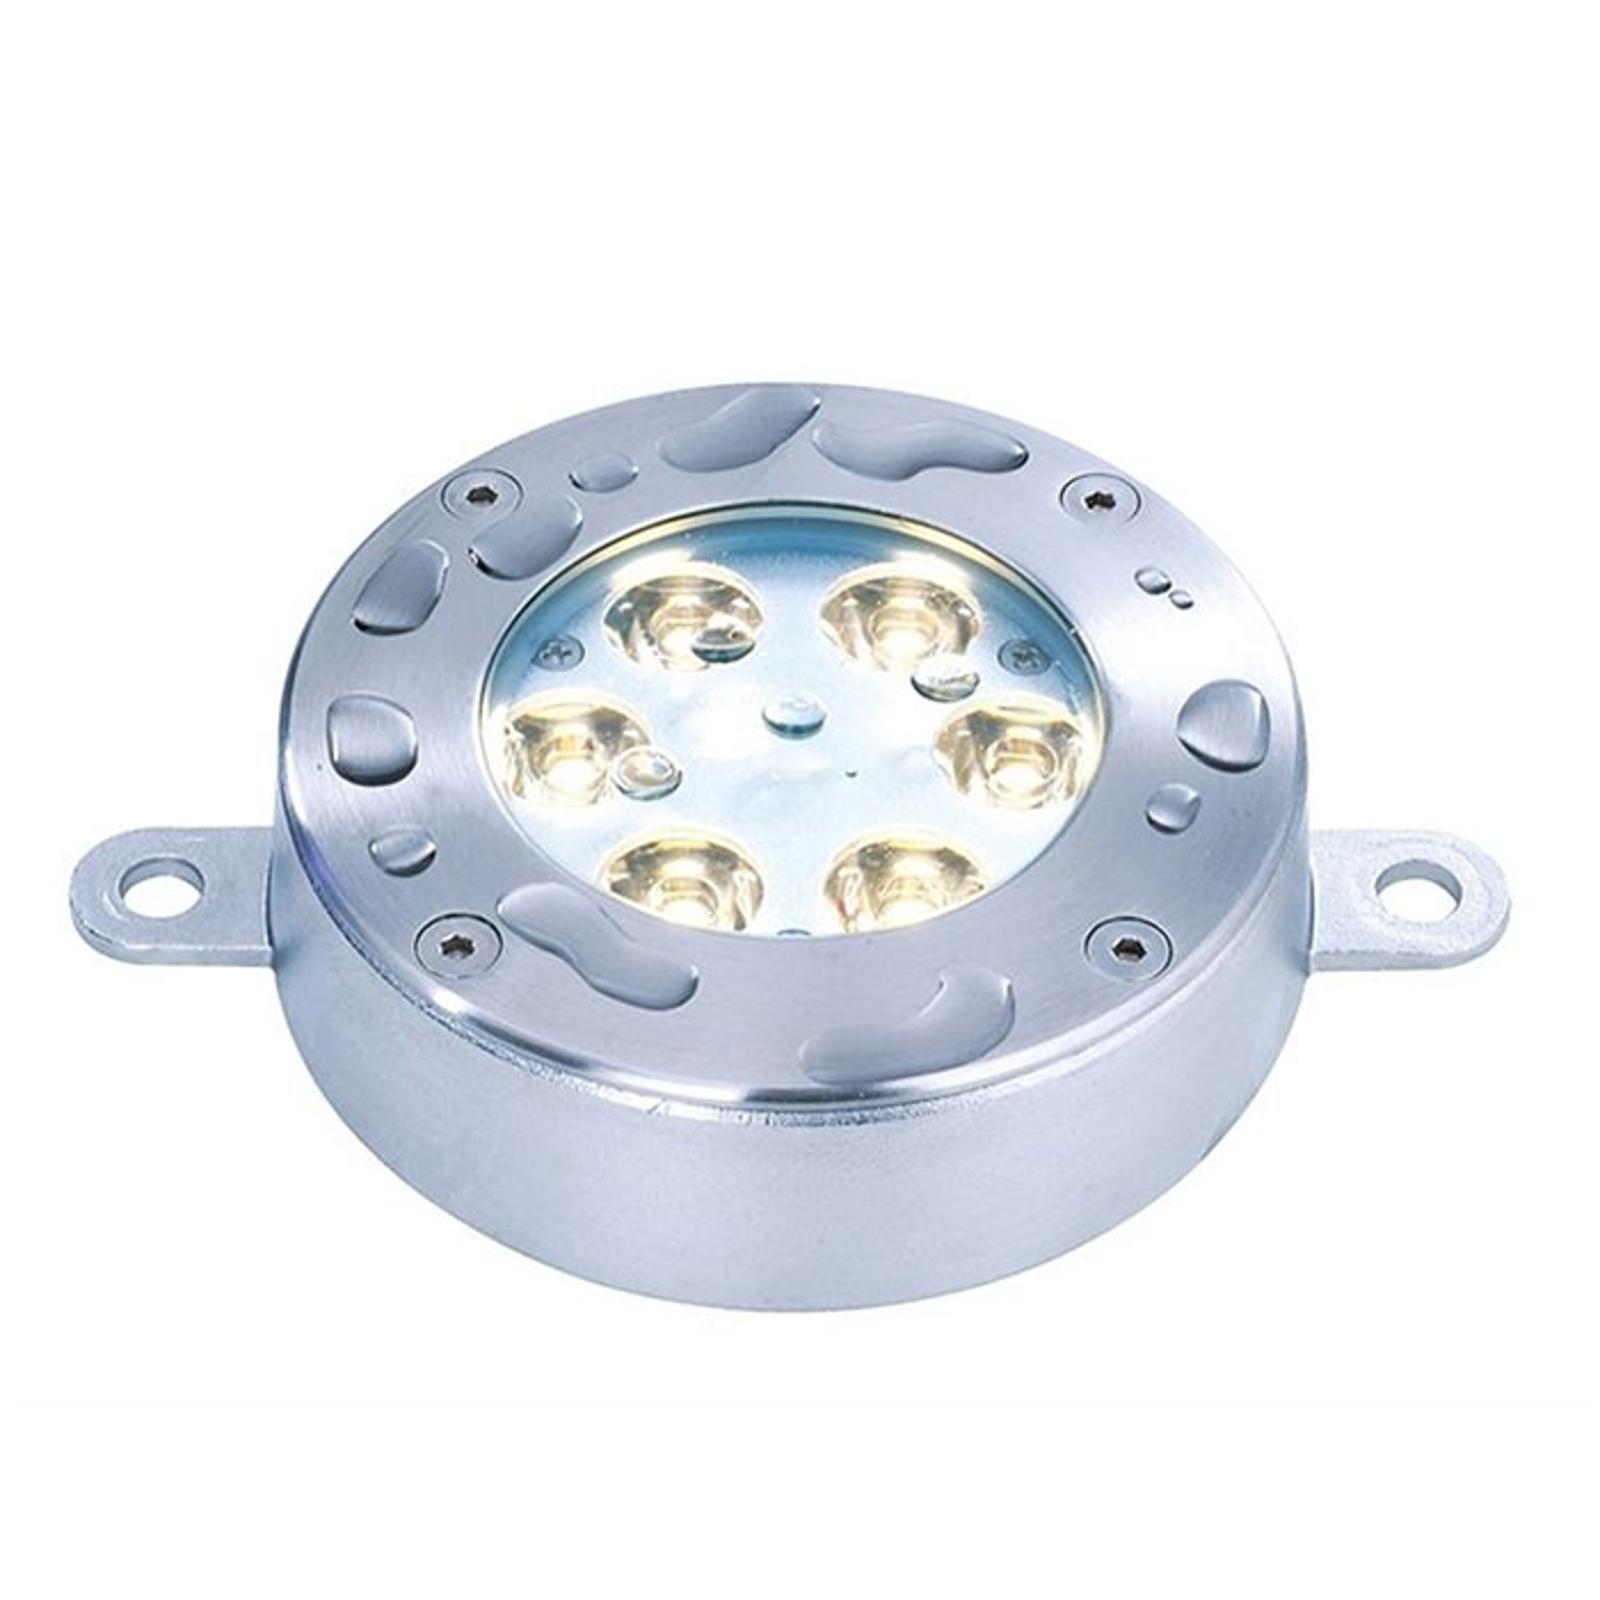 Spot encastrable sous l'eau, LED blanc chaud